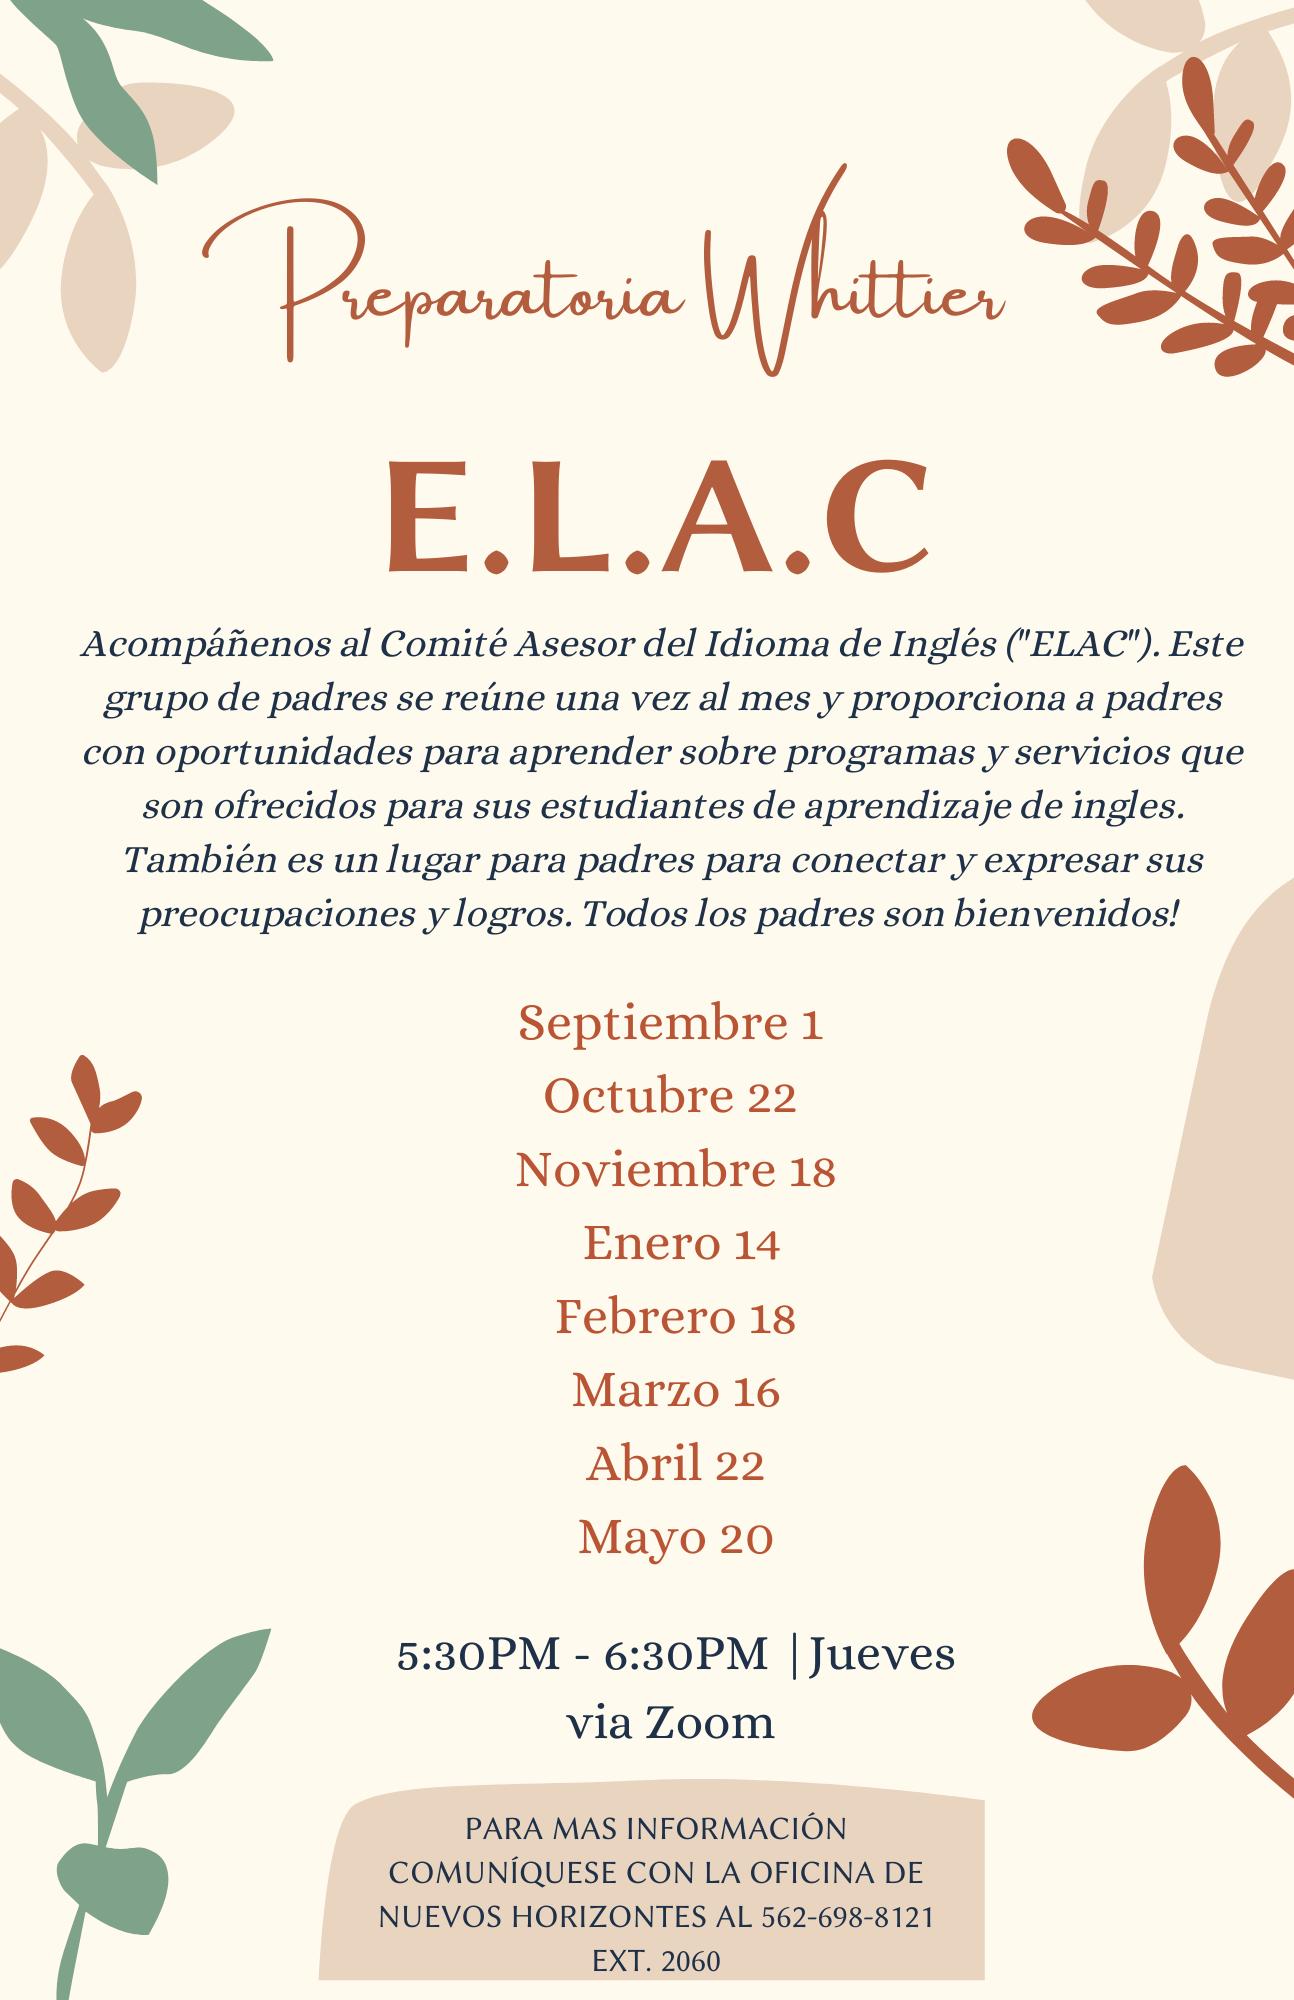 2020-2021 ELAC Meetings